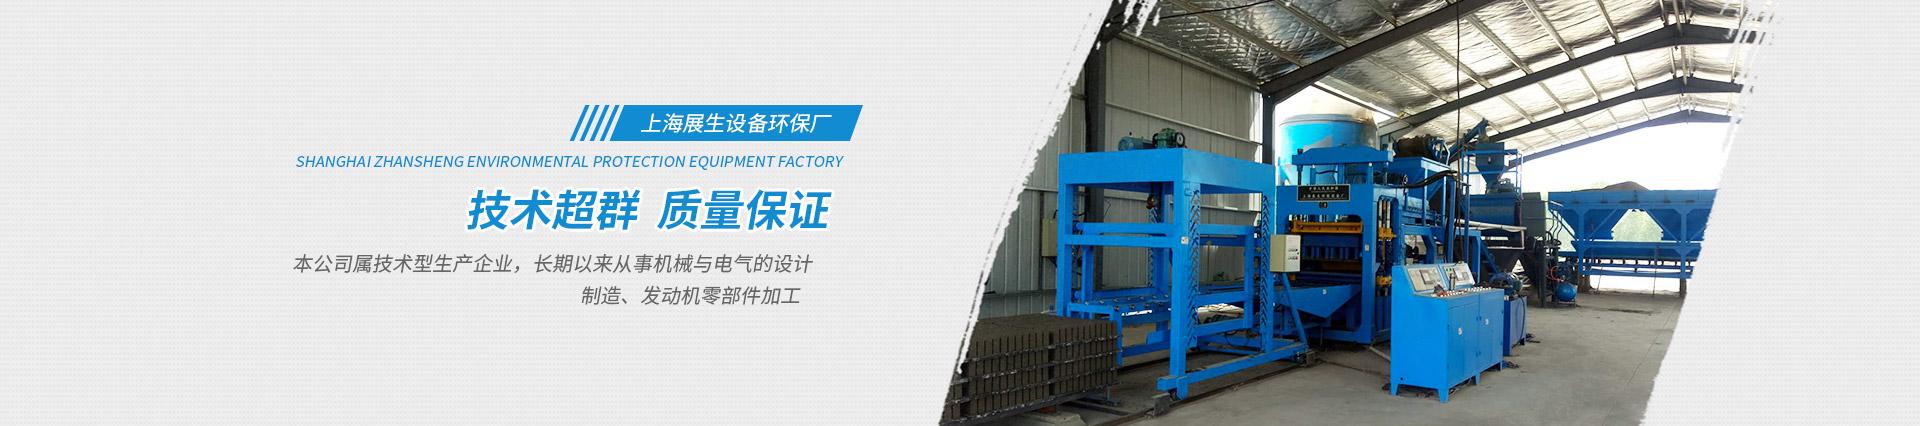 上海展生环保设备厂专业从事高品质水泥砖机,模具,码砖机等设备的制造,销售